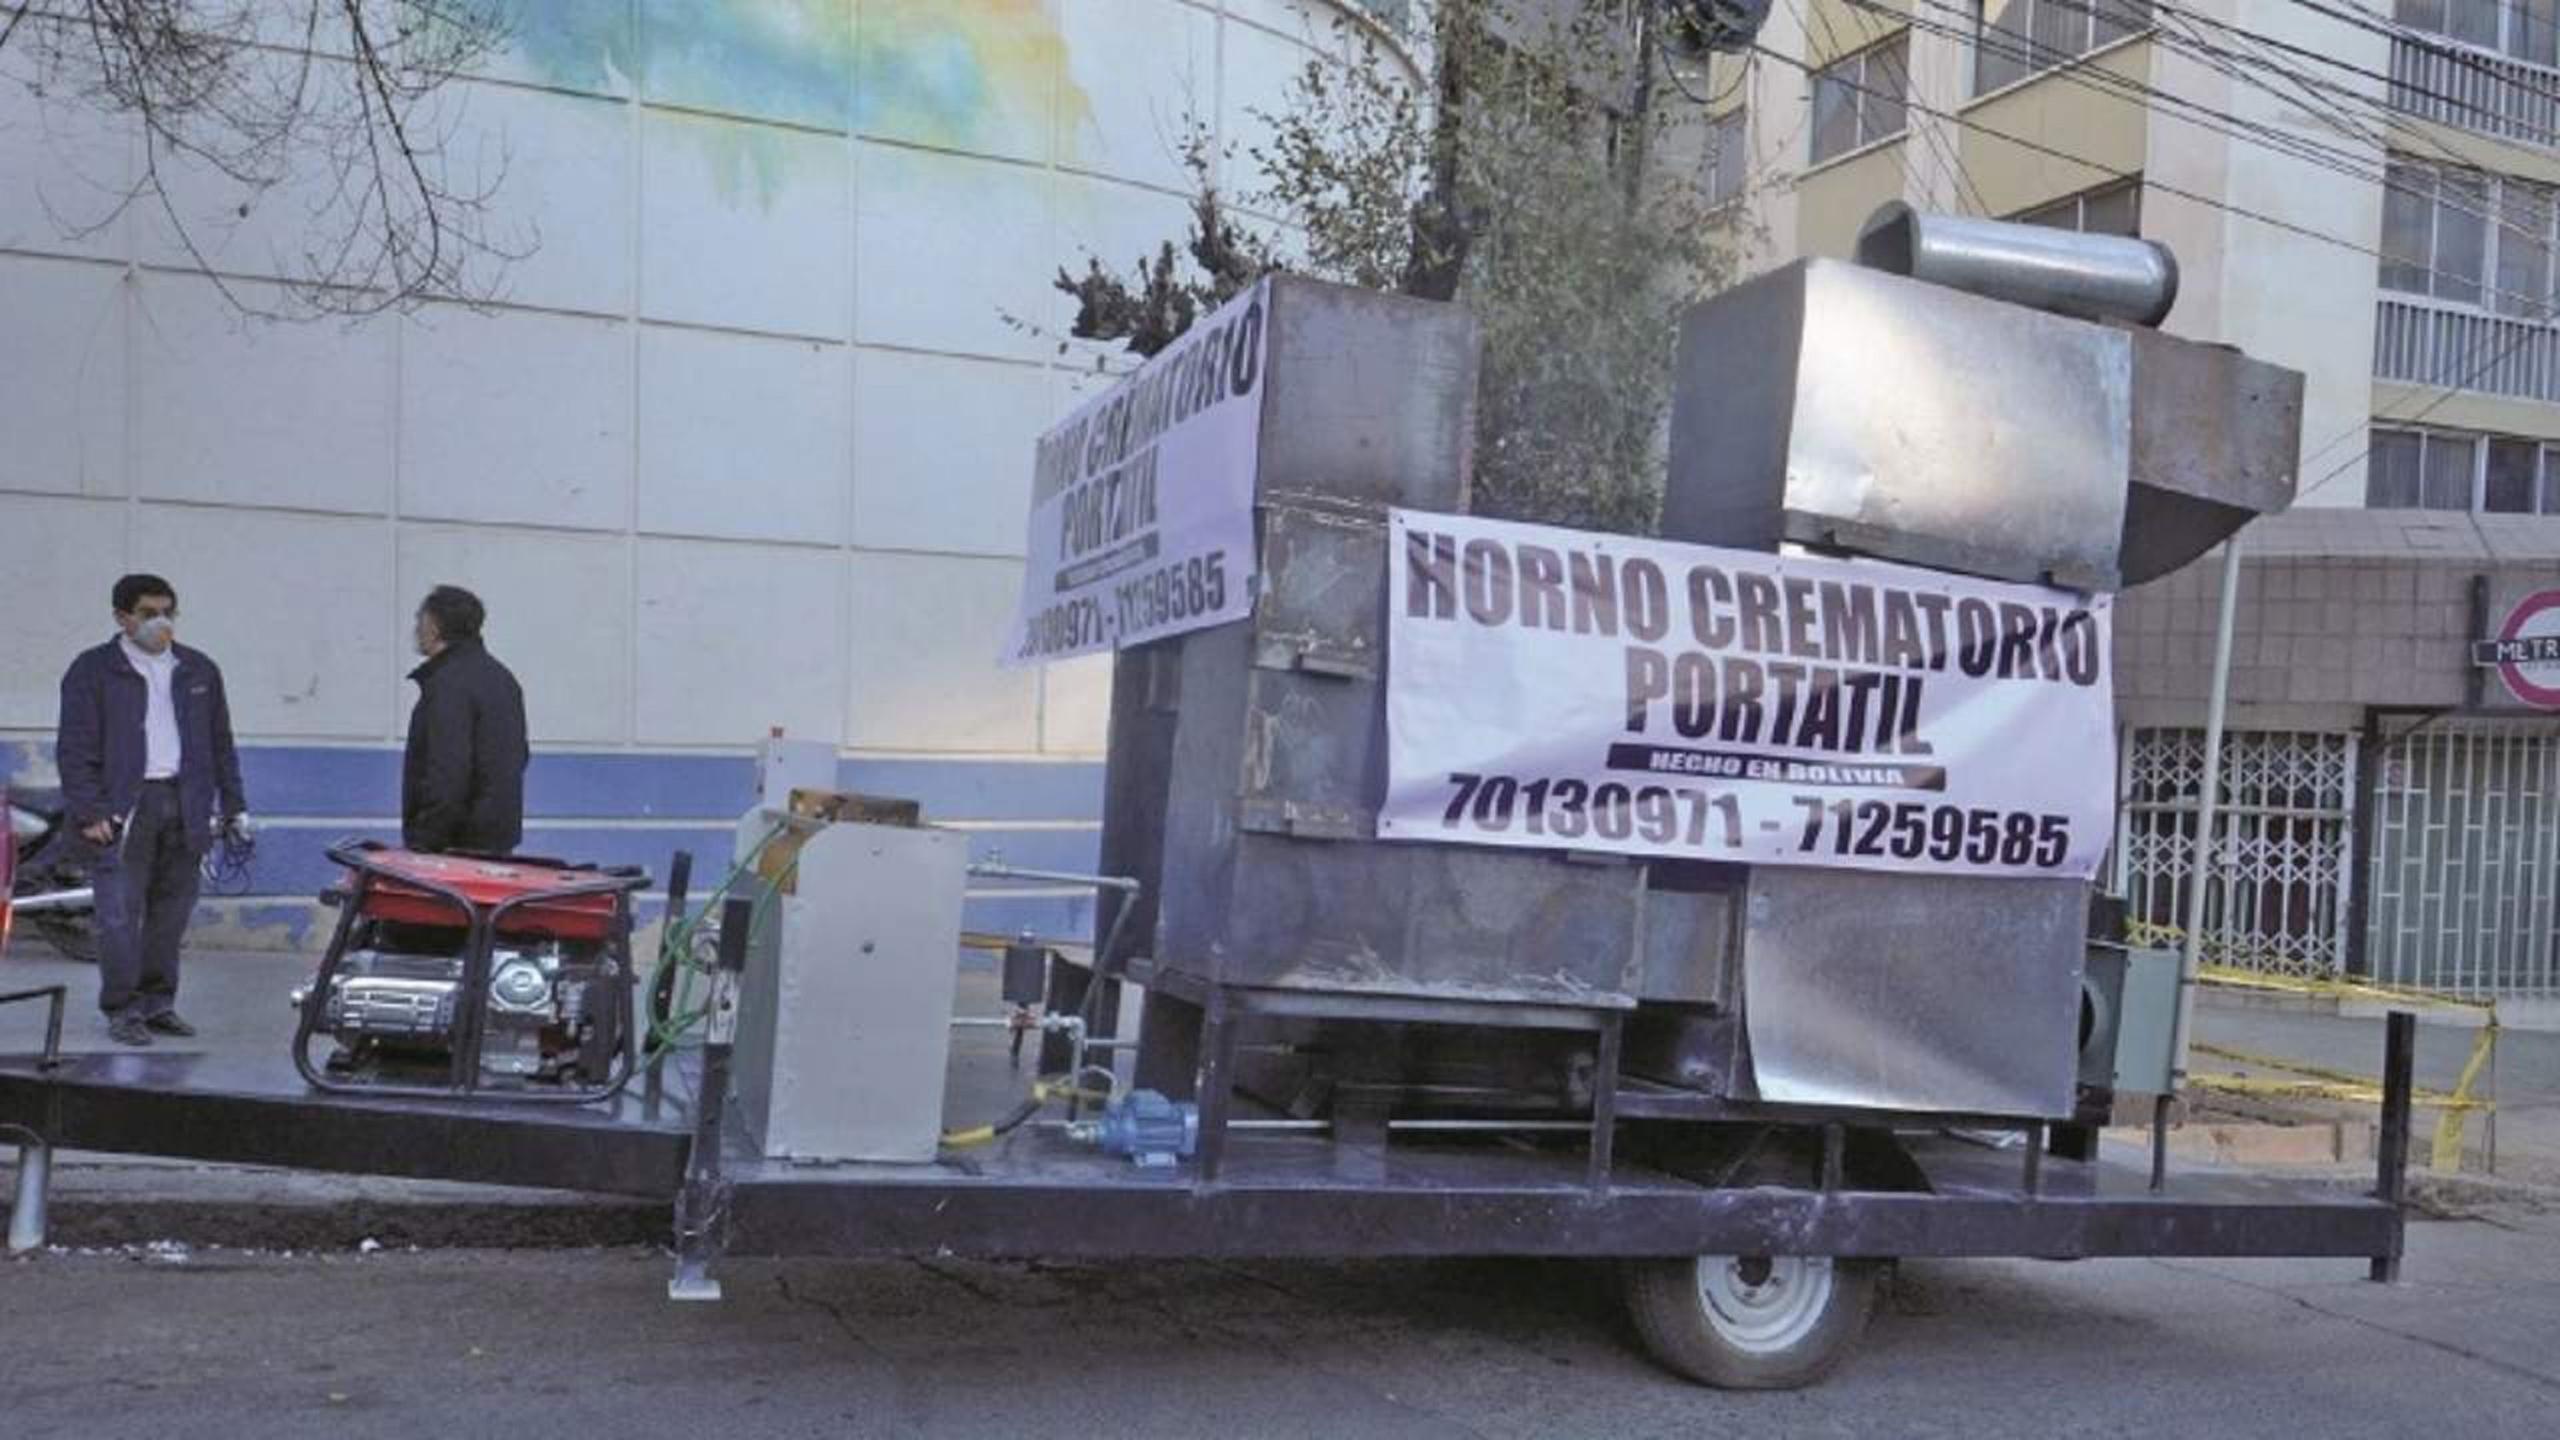 Coronavirus: México se acerca a los 500.000 casos confirmados; crematorios móviles son la nueva alternativa en Bolivia